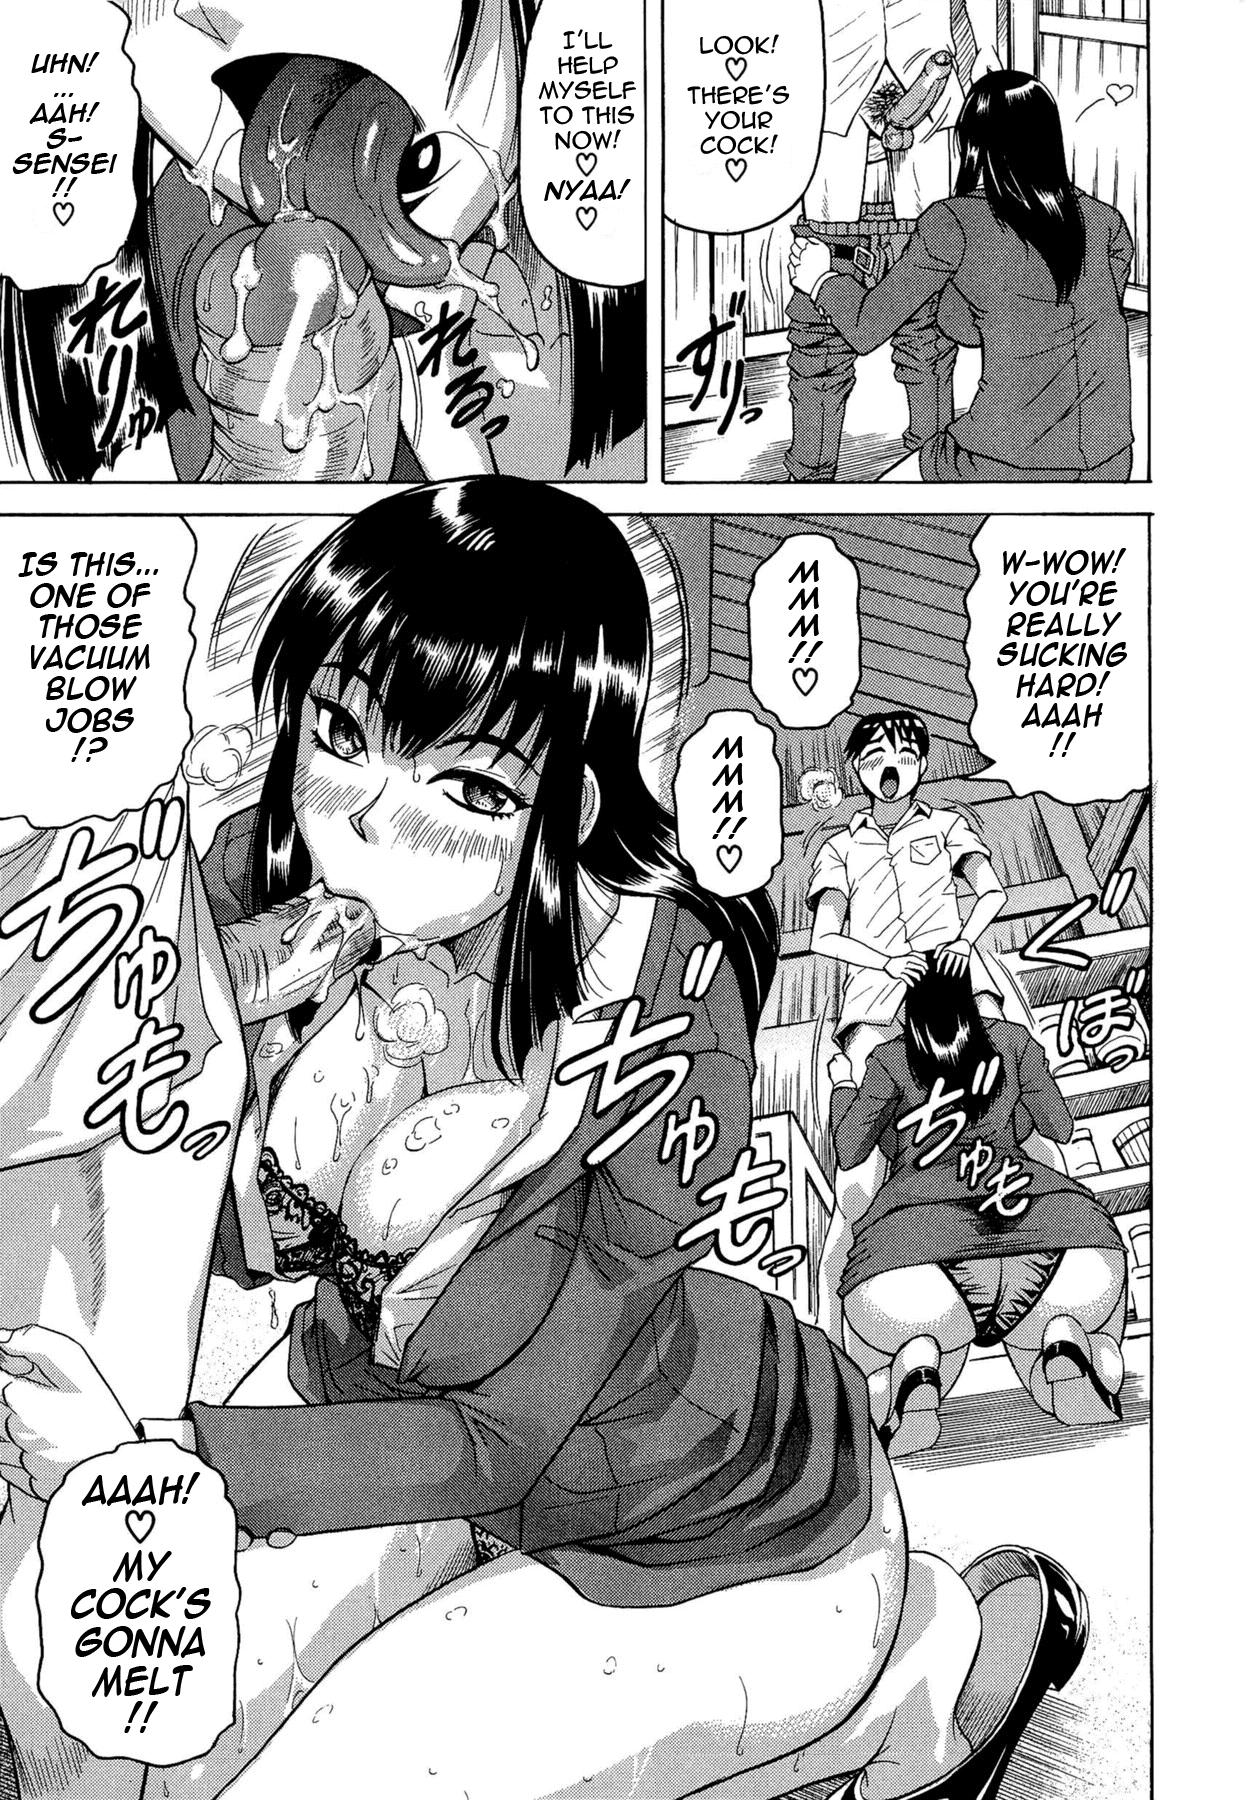 [Jamming] Koibito ha Tonari no Oneesan (Hatsujyouki) | My Lover is the Girl Next Door [English] {Tadanohito} 82